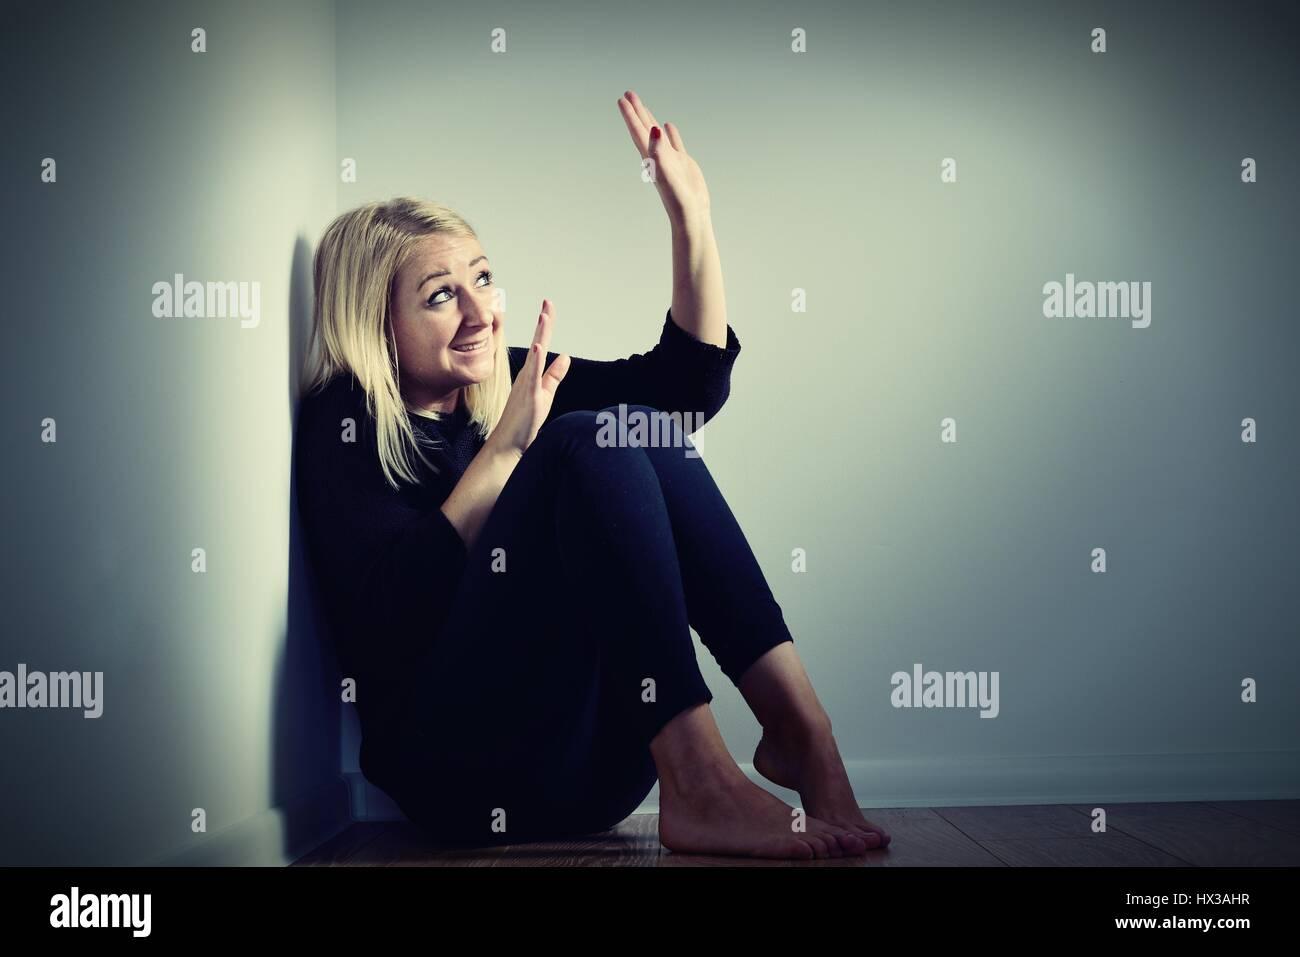 Peur femme. Peur et crier. Photo Stock